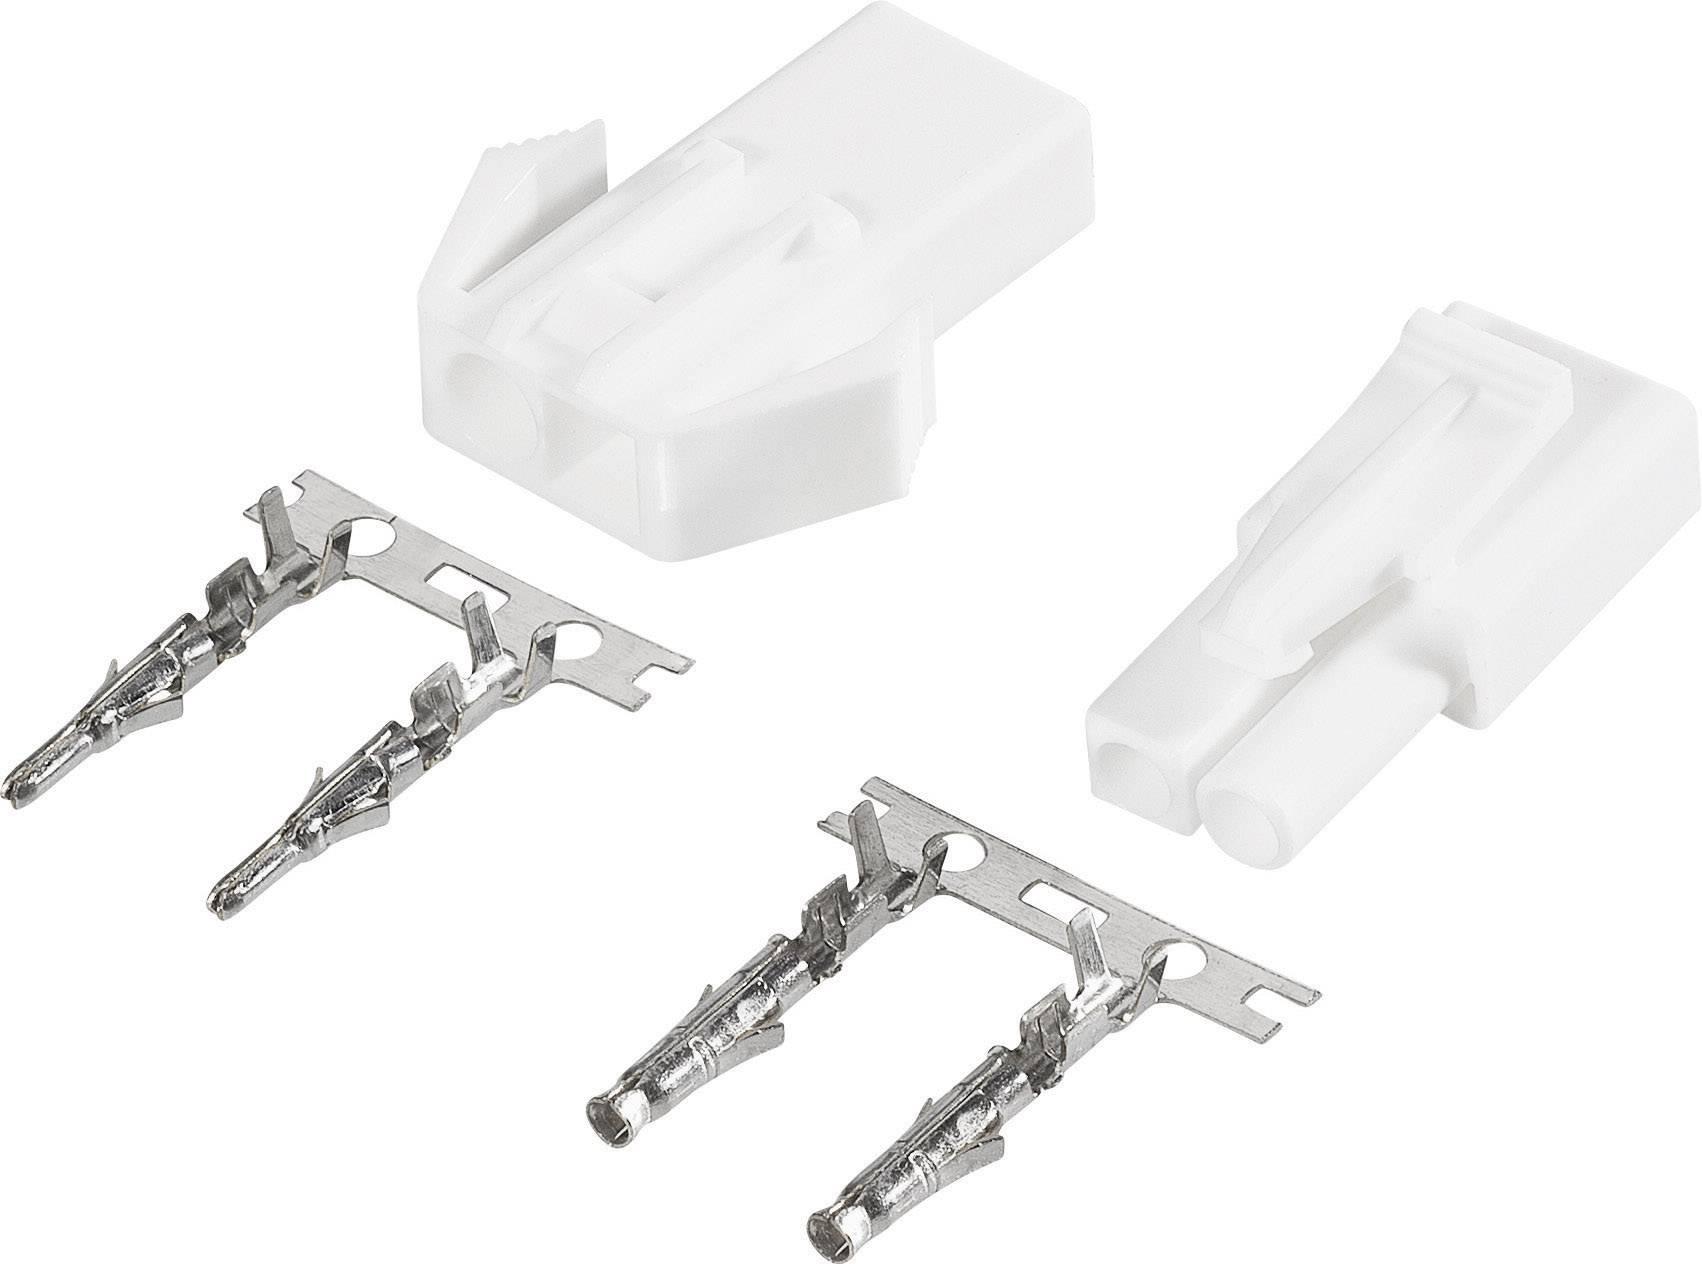 Zásuvkový konektor k prepojeniu akumulátora a regulátora RC modelu, zástrčkový konektor k prepojeniu akumulátora a regulátora RC modelu Modelcraft 227313, mini-Tamiya, 1 pár